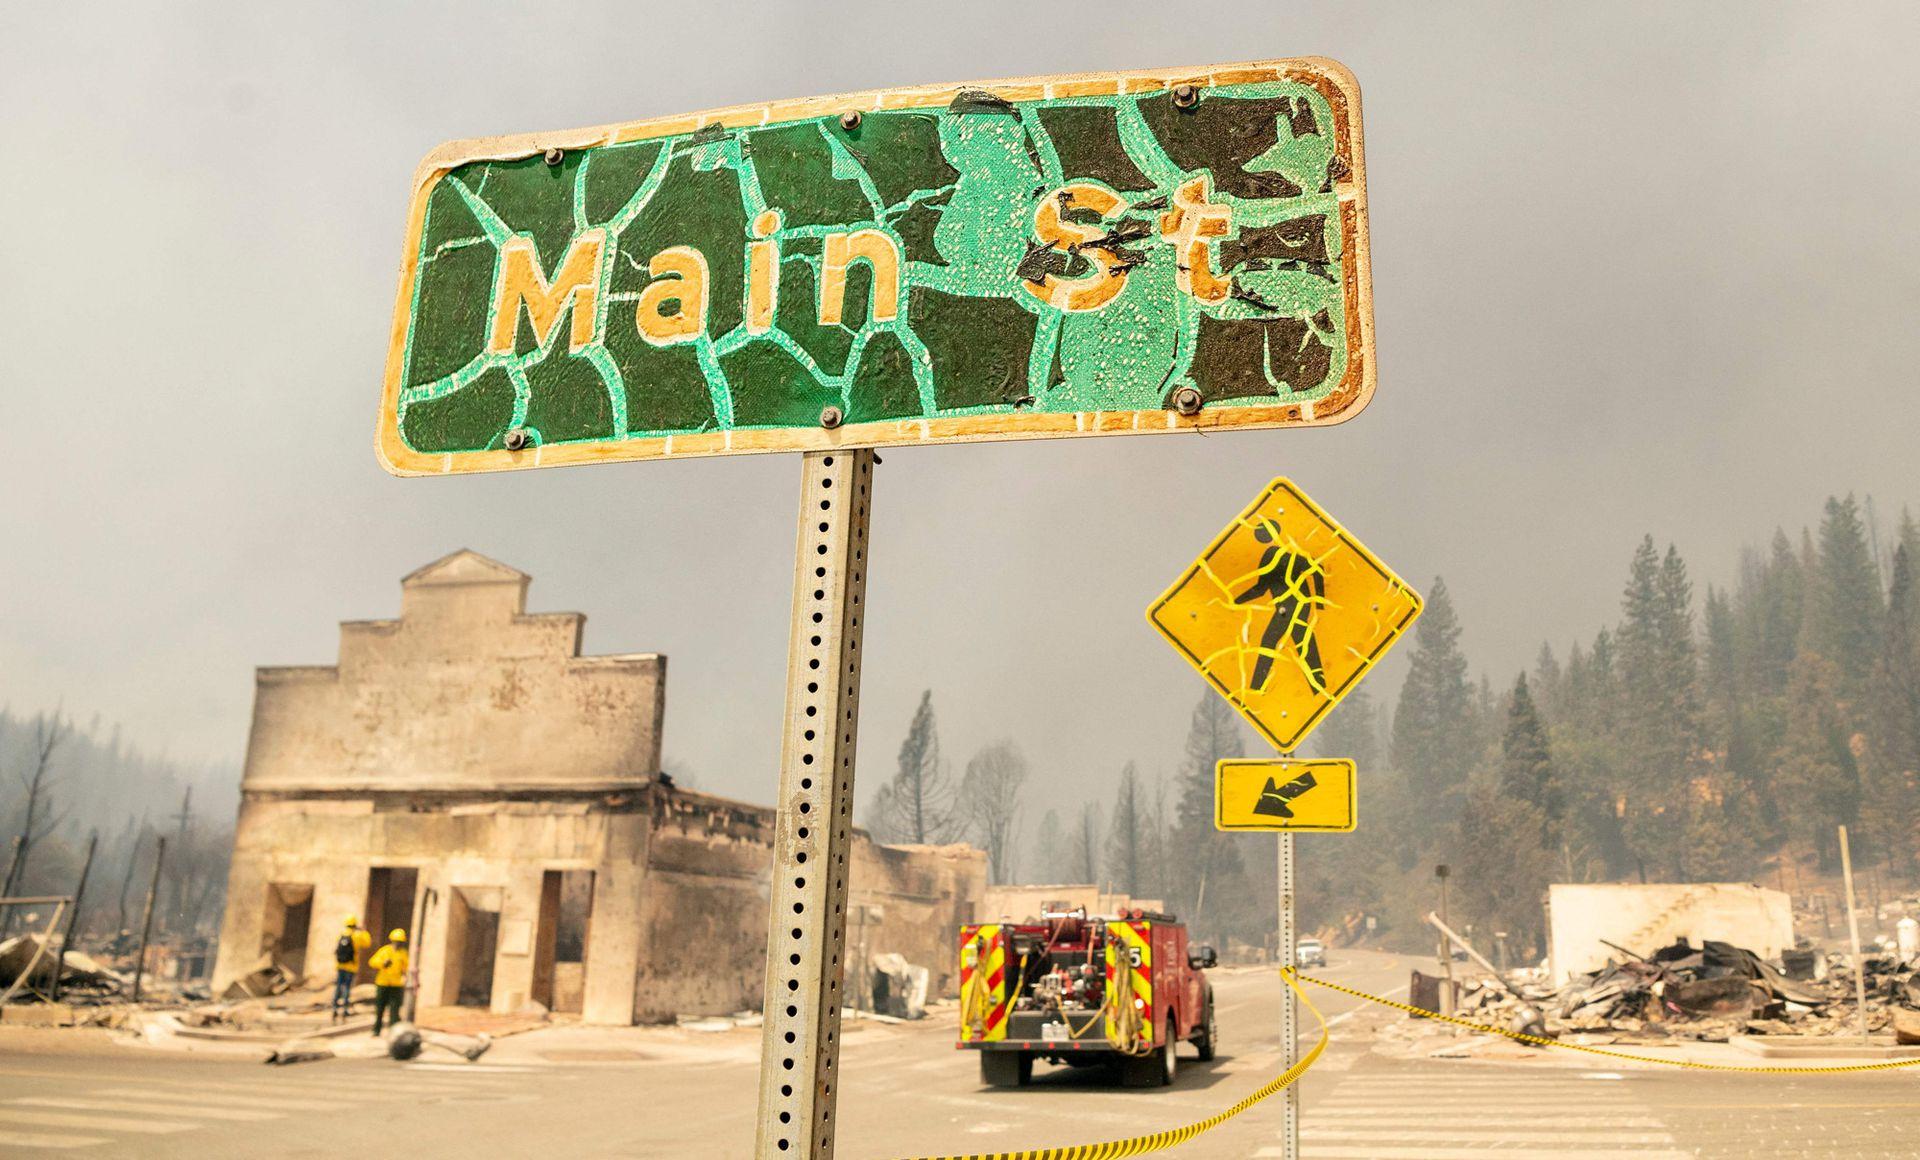 El incendio forestal más grande en California arrasó una pequeña ciudad, deformando los postes de las calles y destruyendo edificios históricos horas después de que se ordenó a los residentes huir